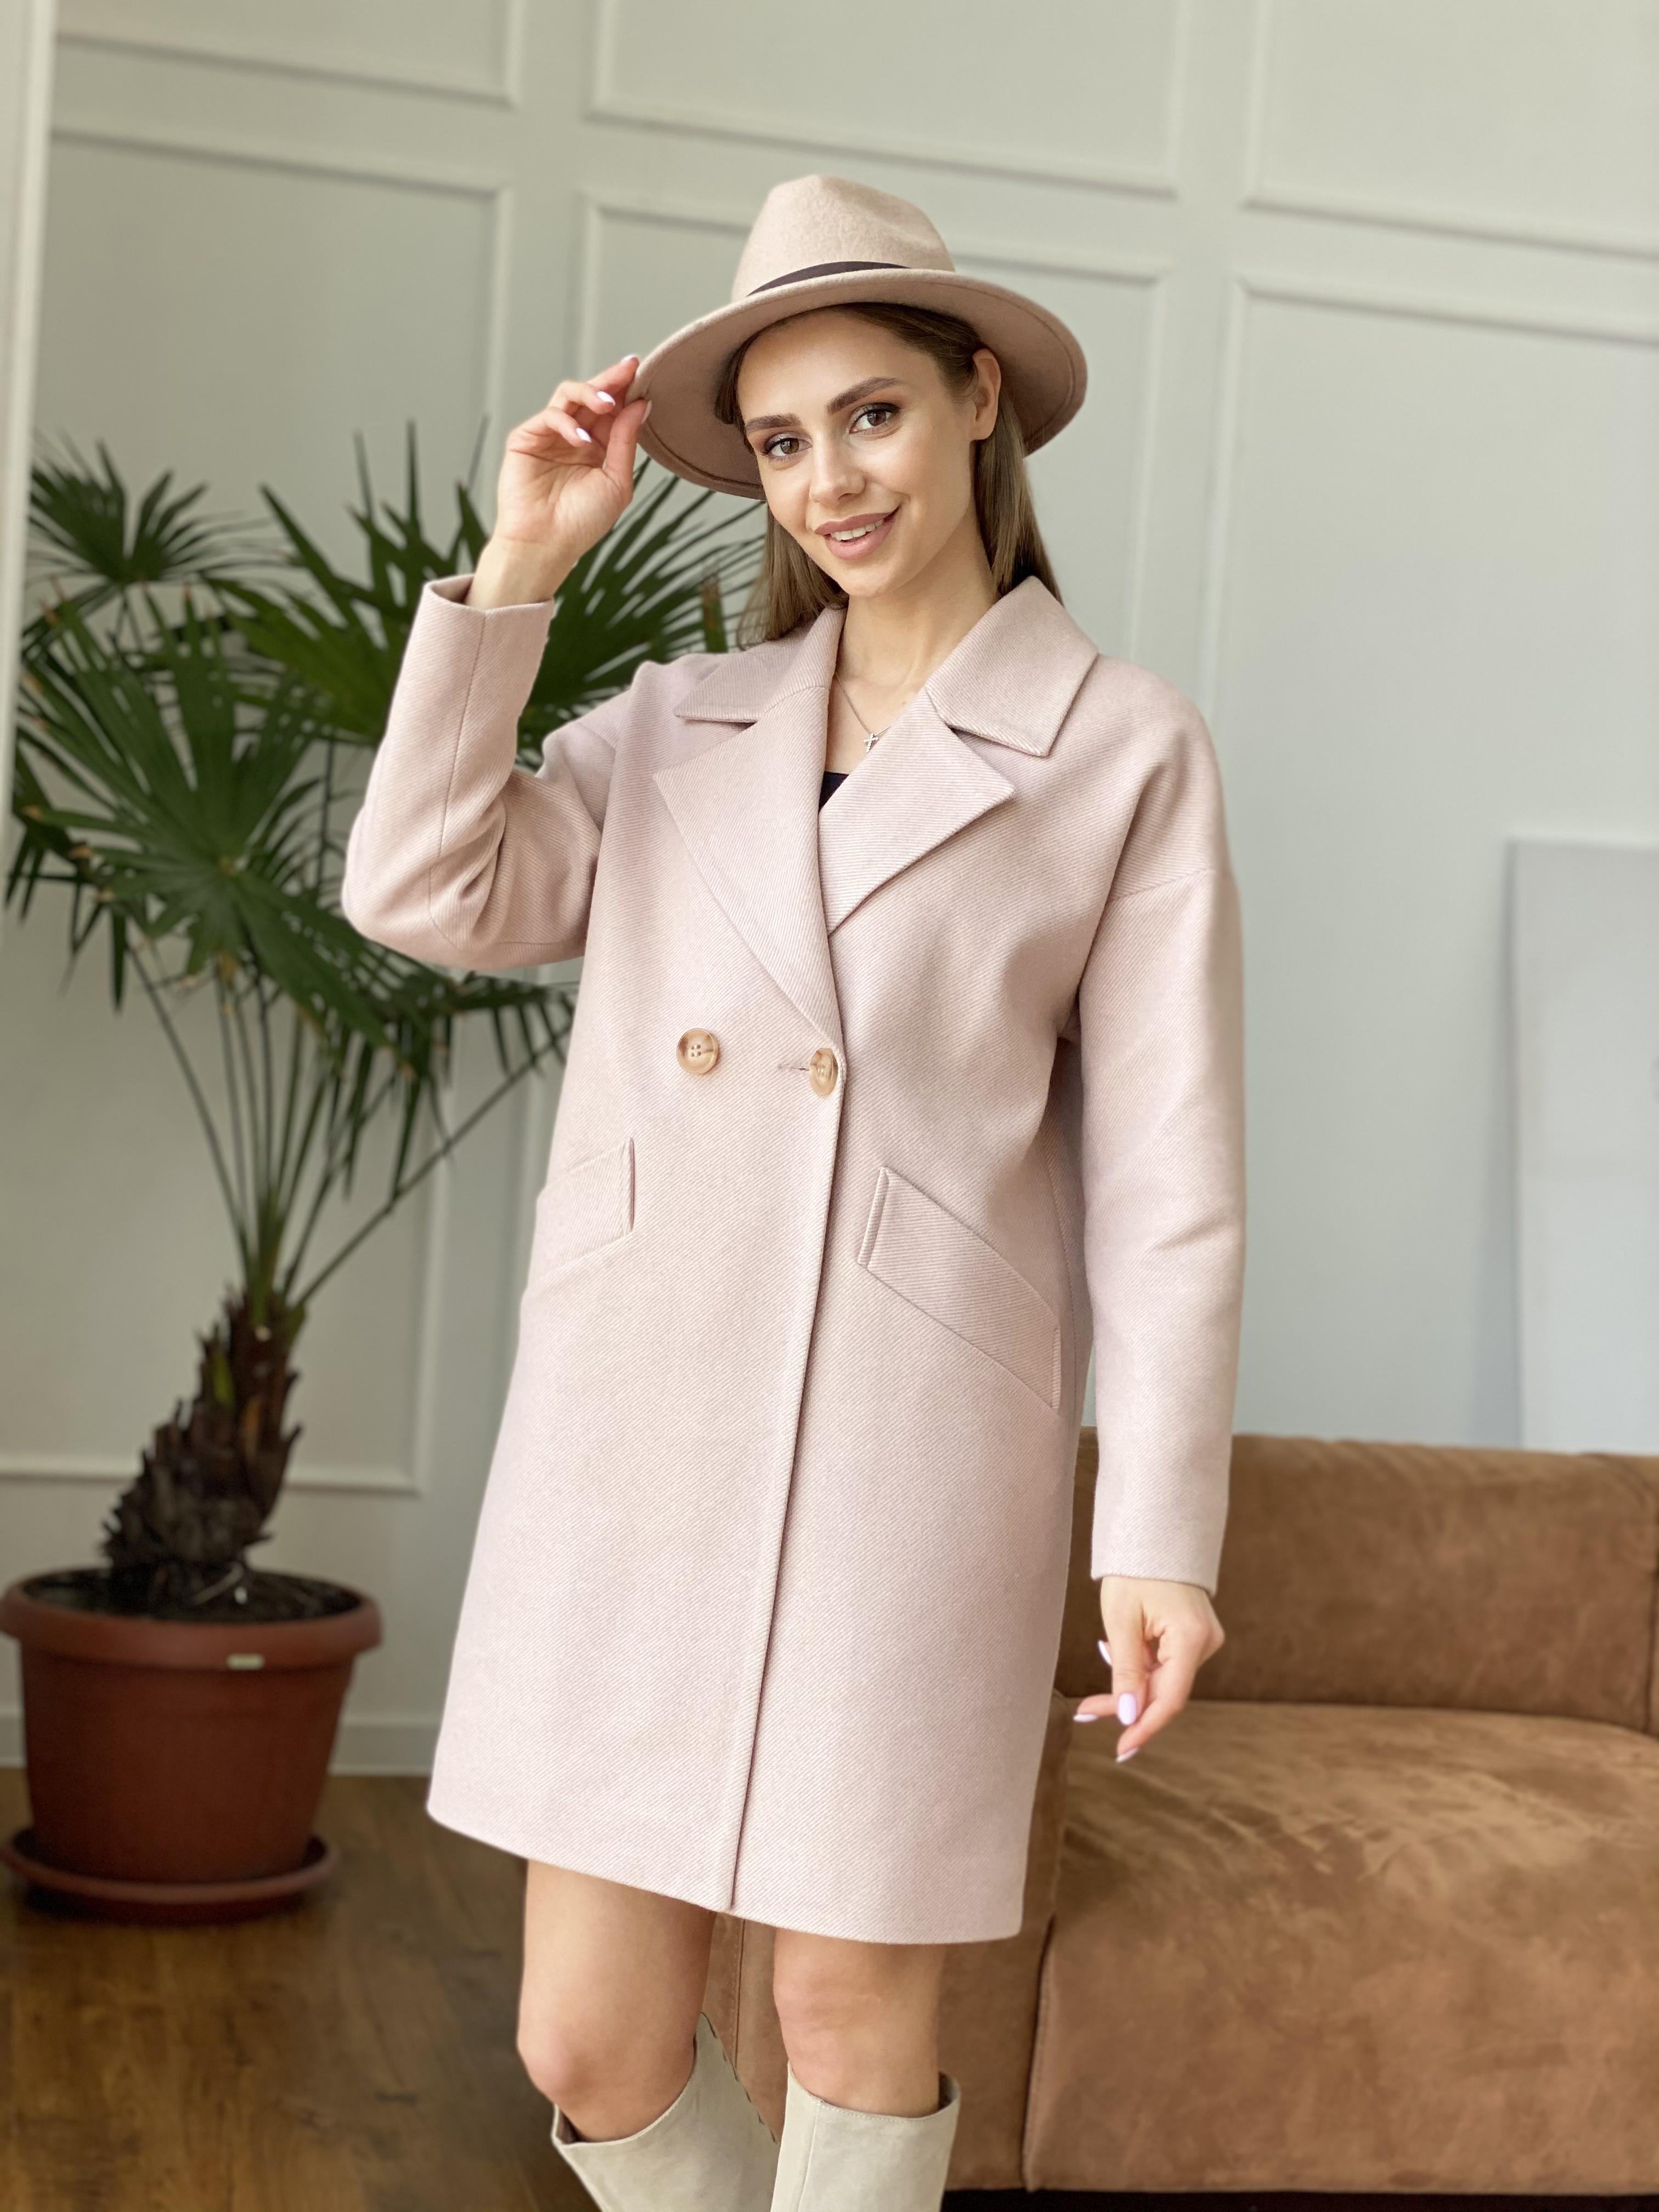 Сенсей диагональ  пальто 10661 АРТ. 47064 Цвет: Пудра - фото 1, интернет магазин tm-modus.ru